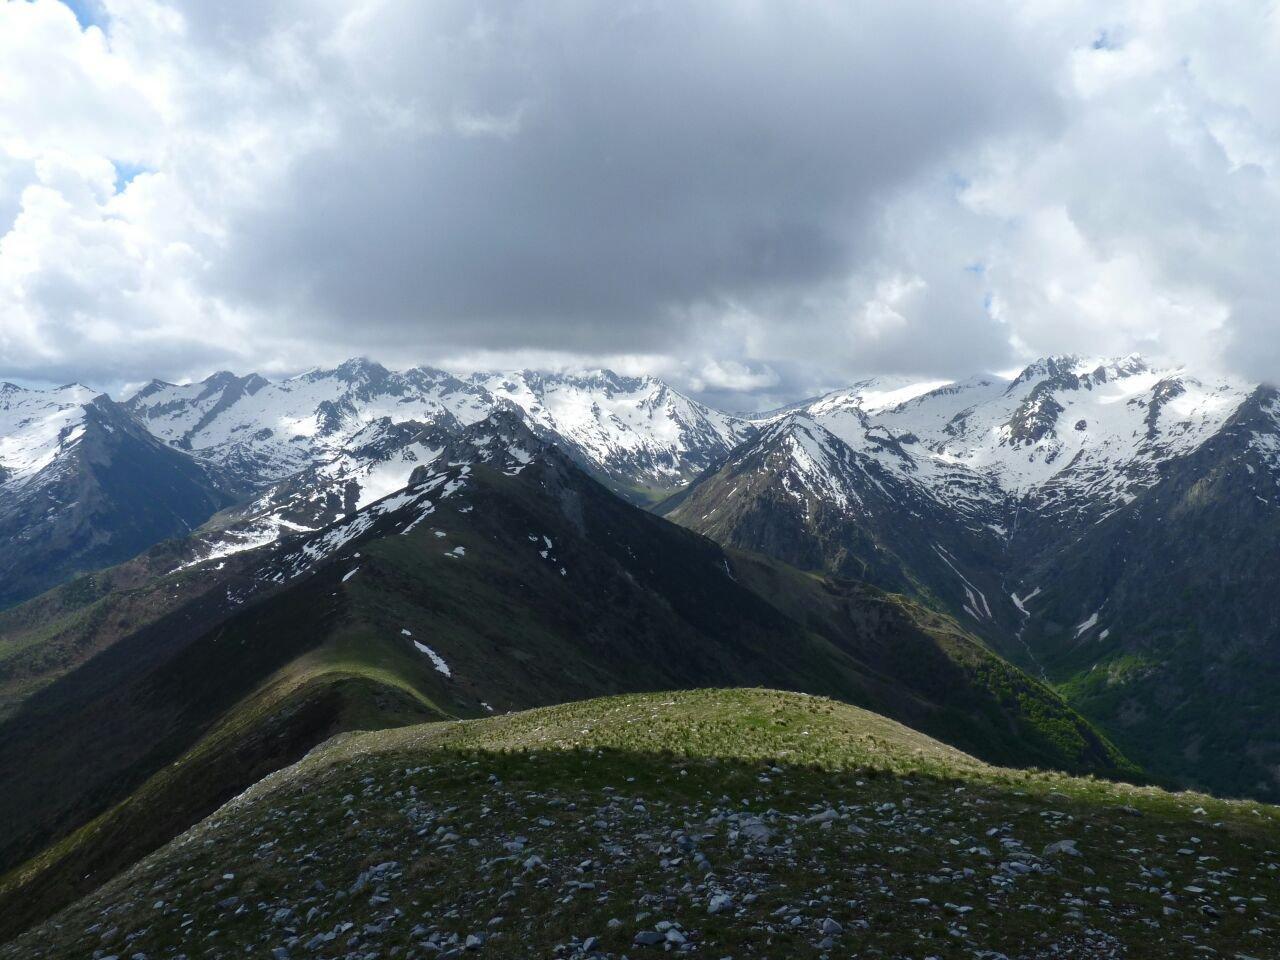 Pianard (Monte) da Palanfrè per il Colle della Garbella 2017-05-20